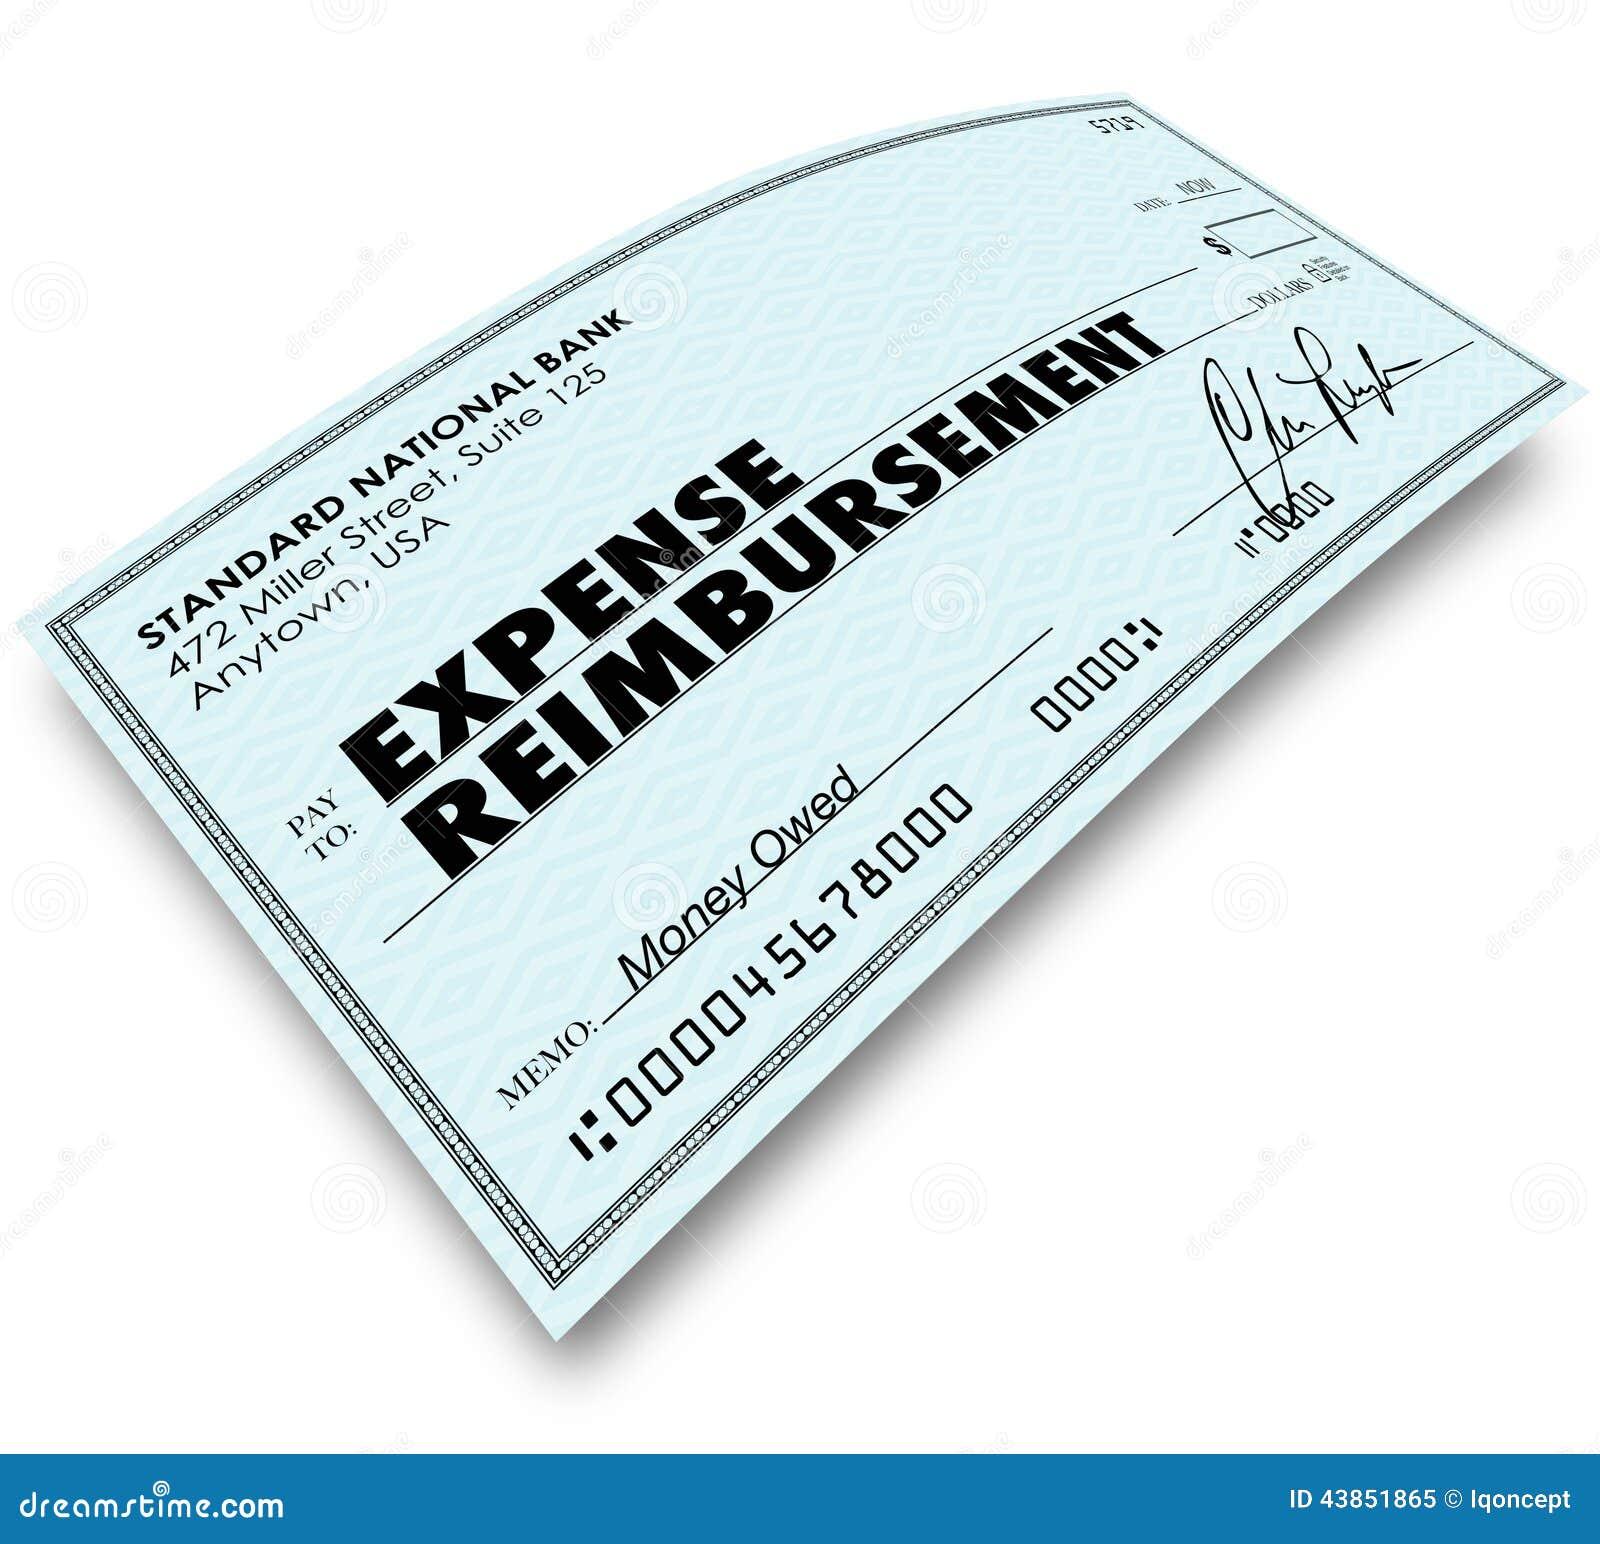 application for reimbursement of travel expenses